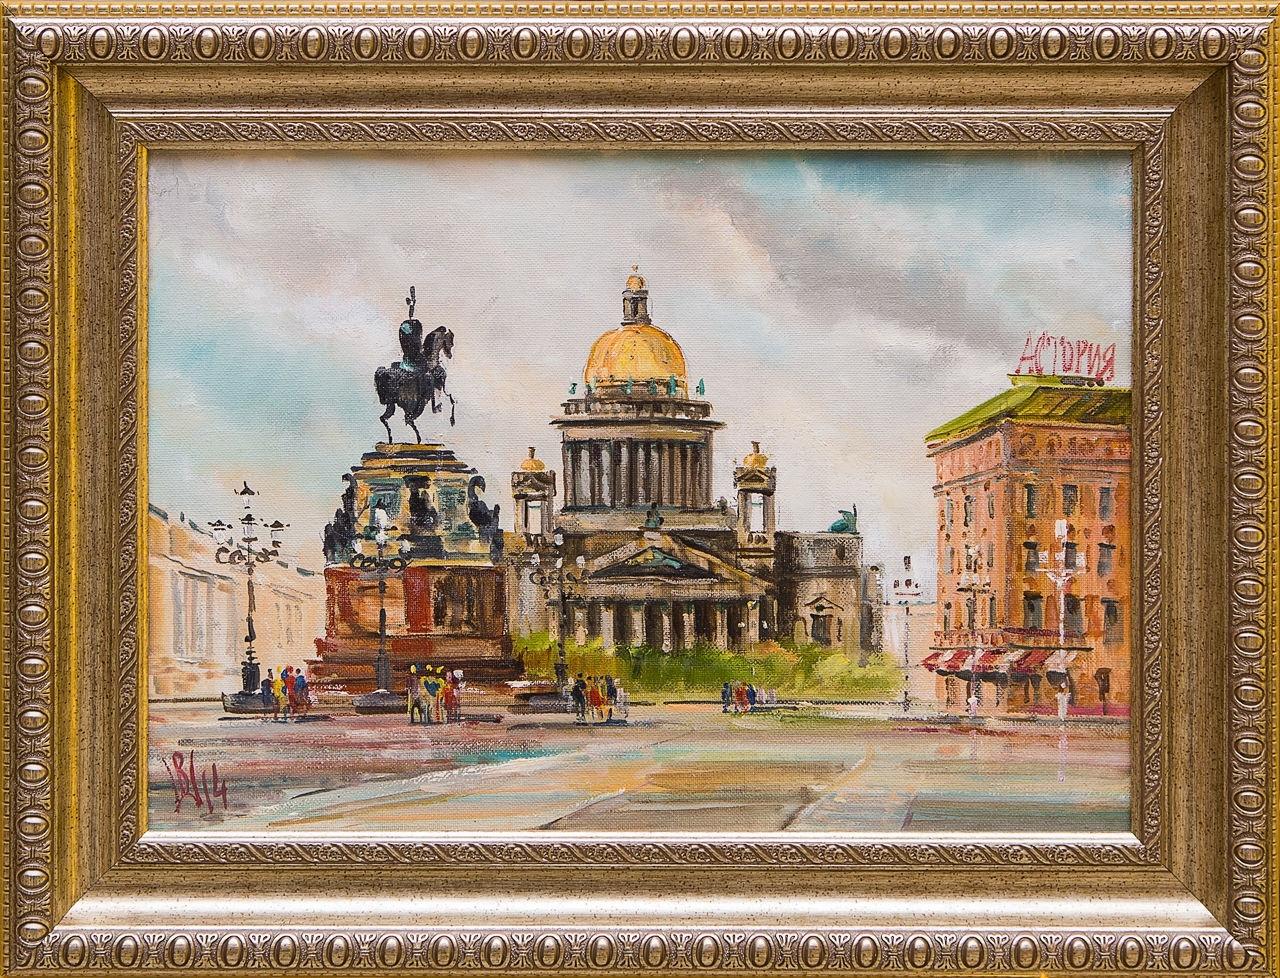 Картина маслом Исаакиевский собор Шеренкова картина маслом европа шеренкова